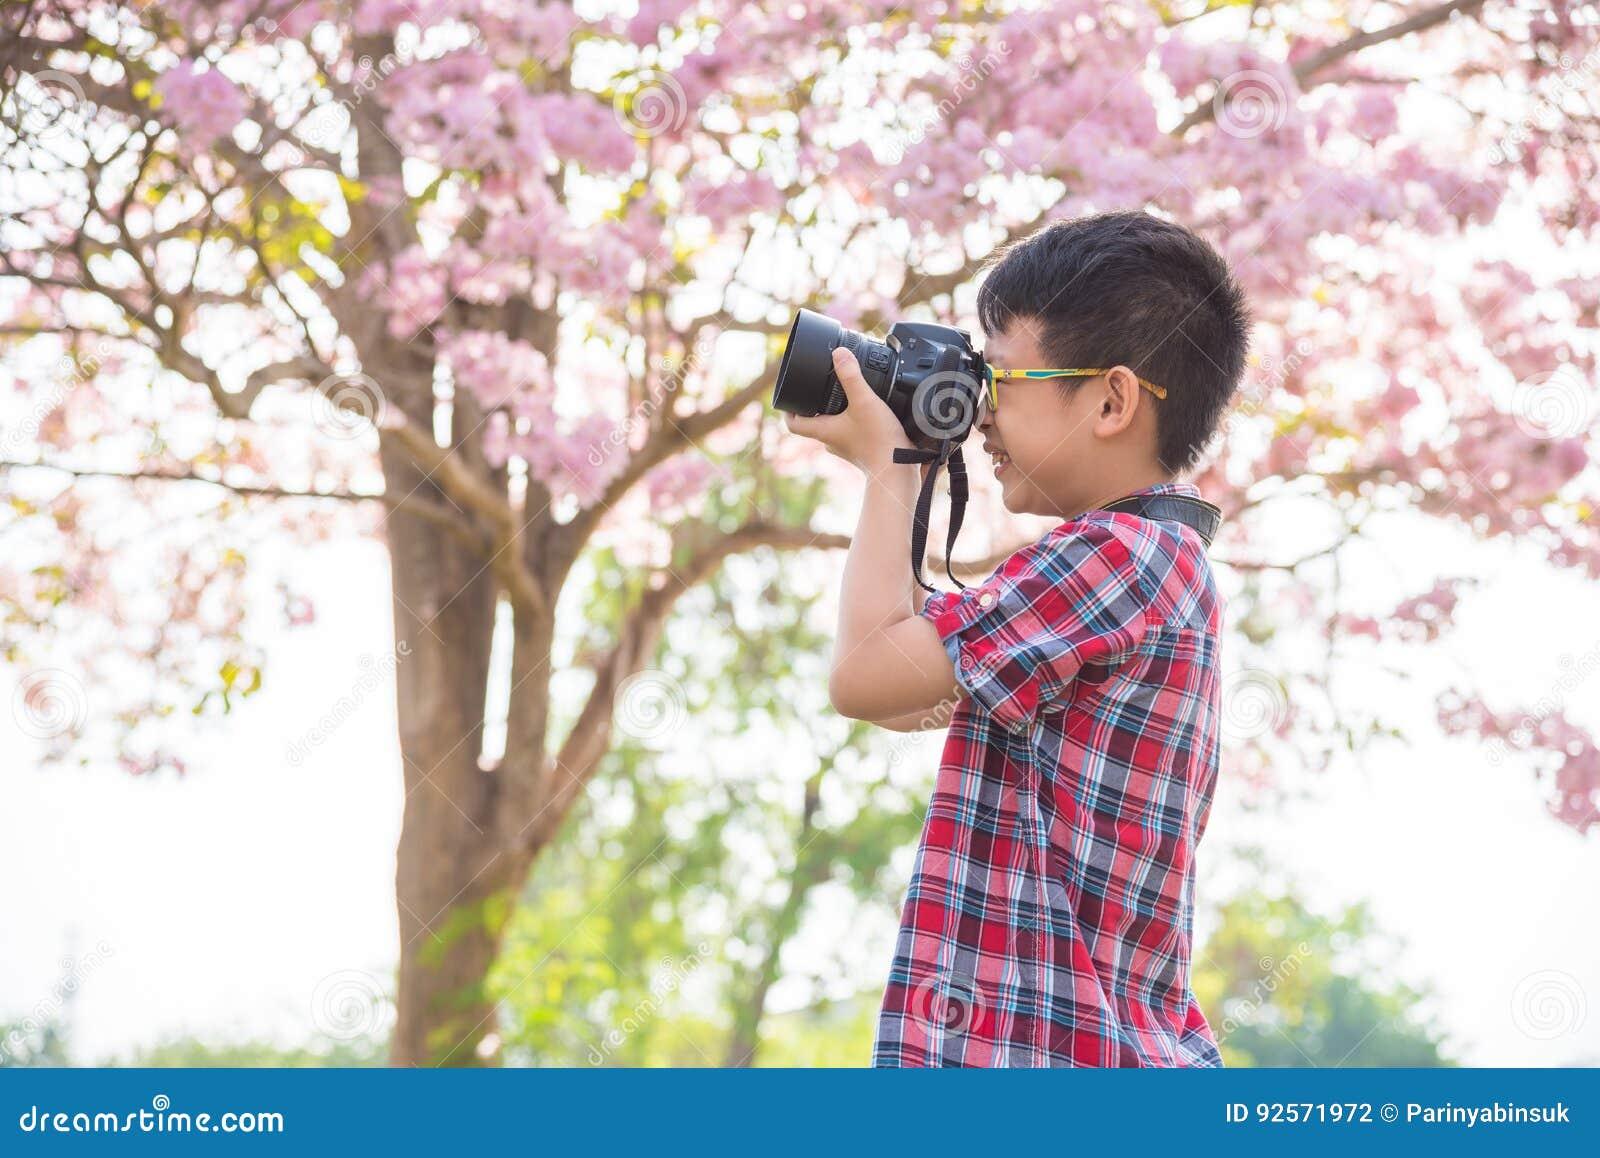 Giovane ragazzo che prende foto dalla macchina fotografica in parco